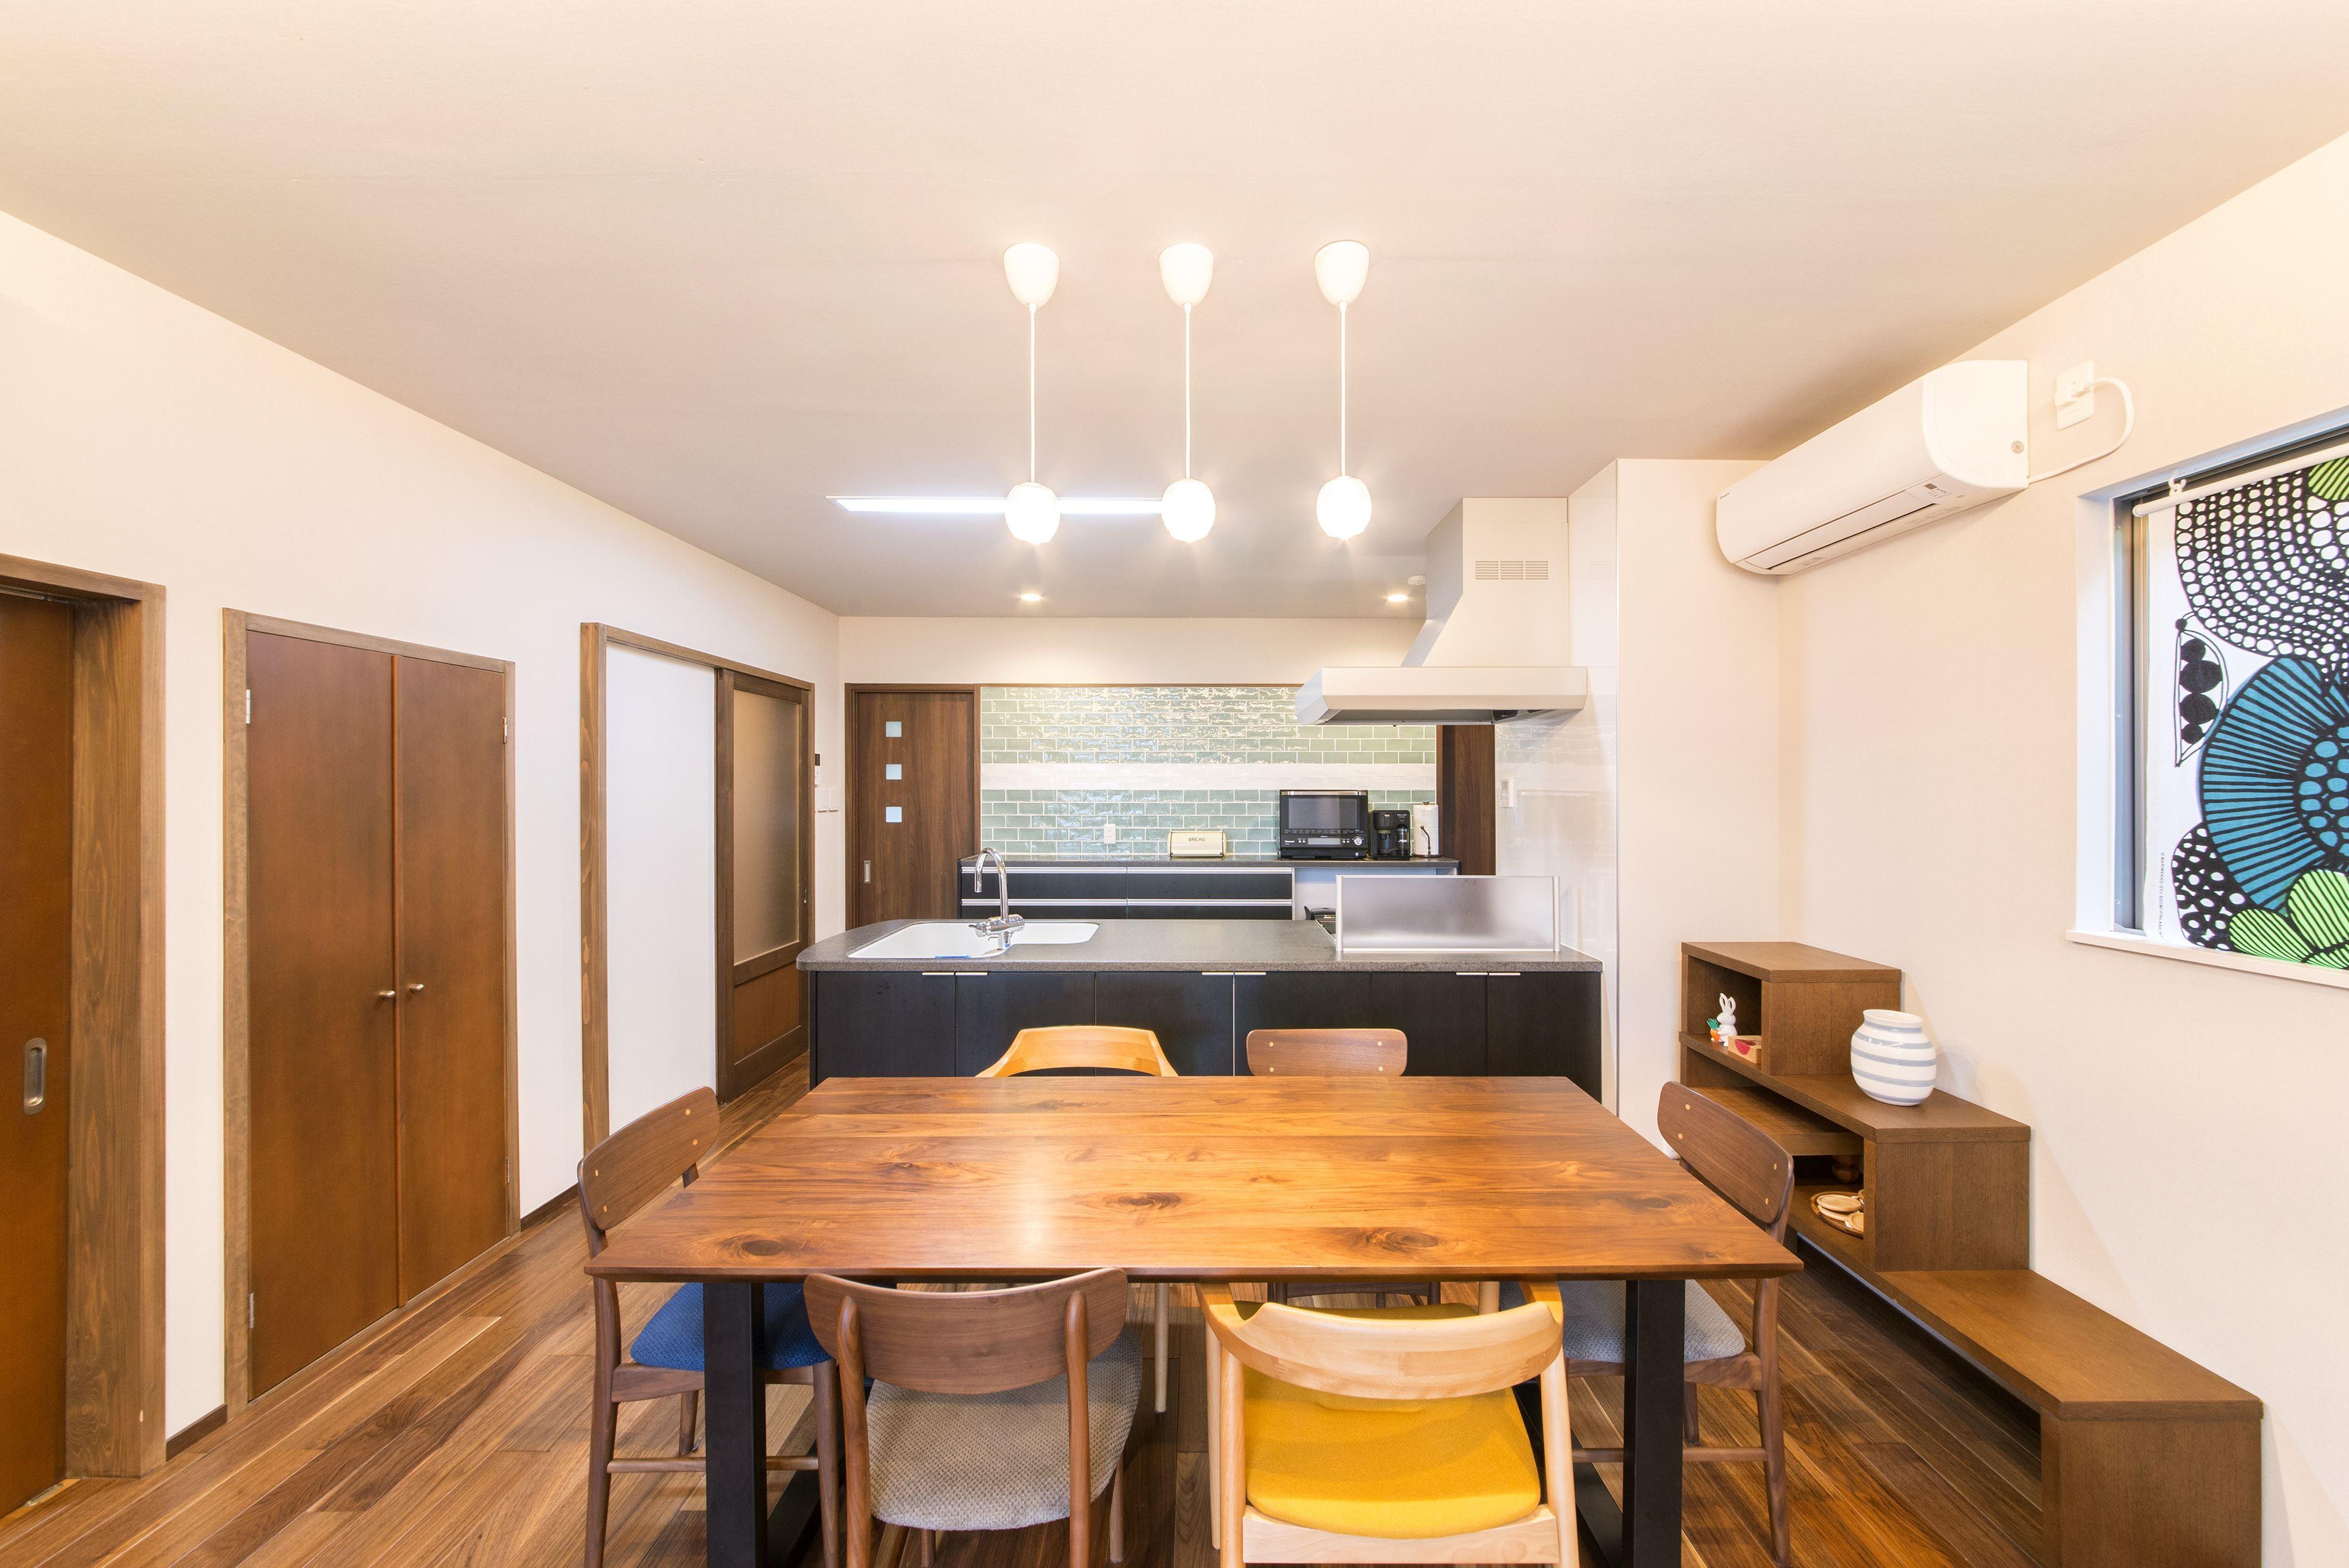 リビングダイニング事例:ウォルナットのフロアには床暖房を設置(2階を増築して、デザイン性の高い上下分離型の二世帯住宅にリフォーム。)